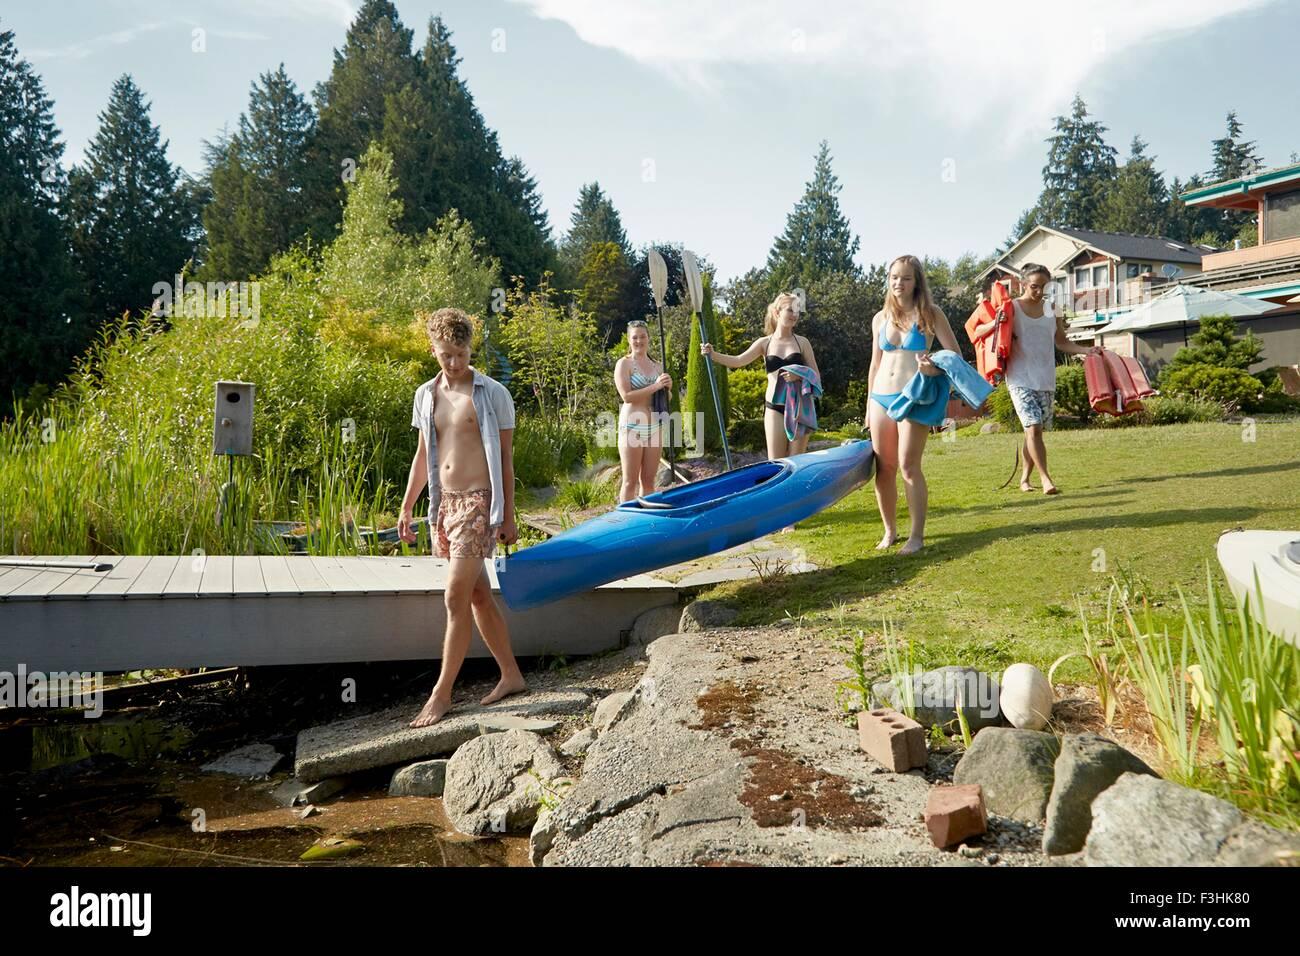 Amigos ir canotaje en el lago, Seattle, Washington, EE.UU. Imagen De Stock